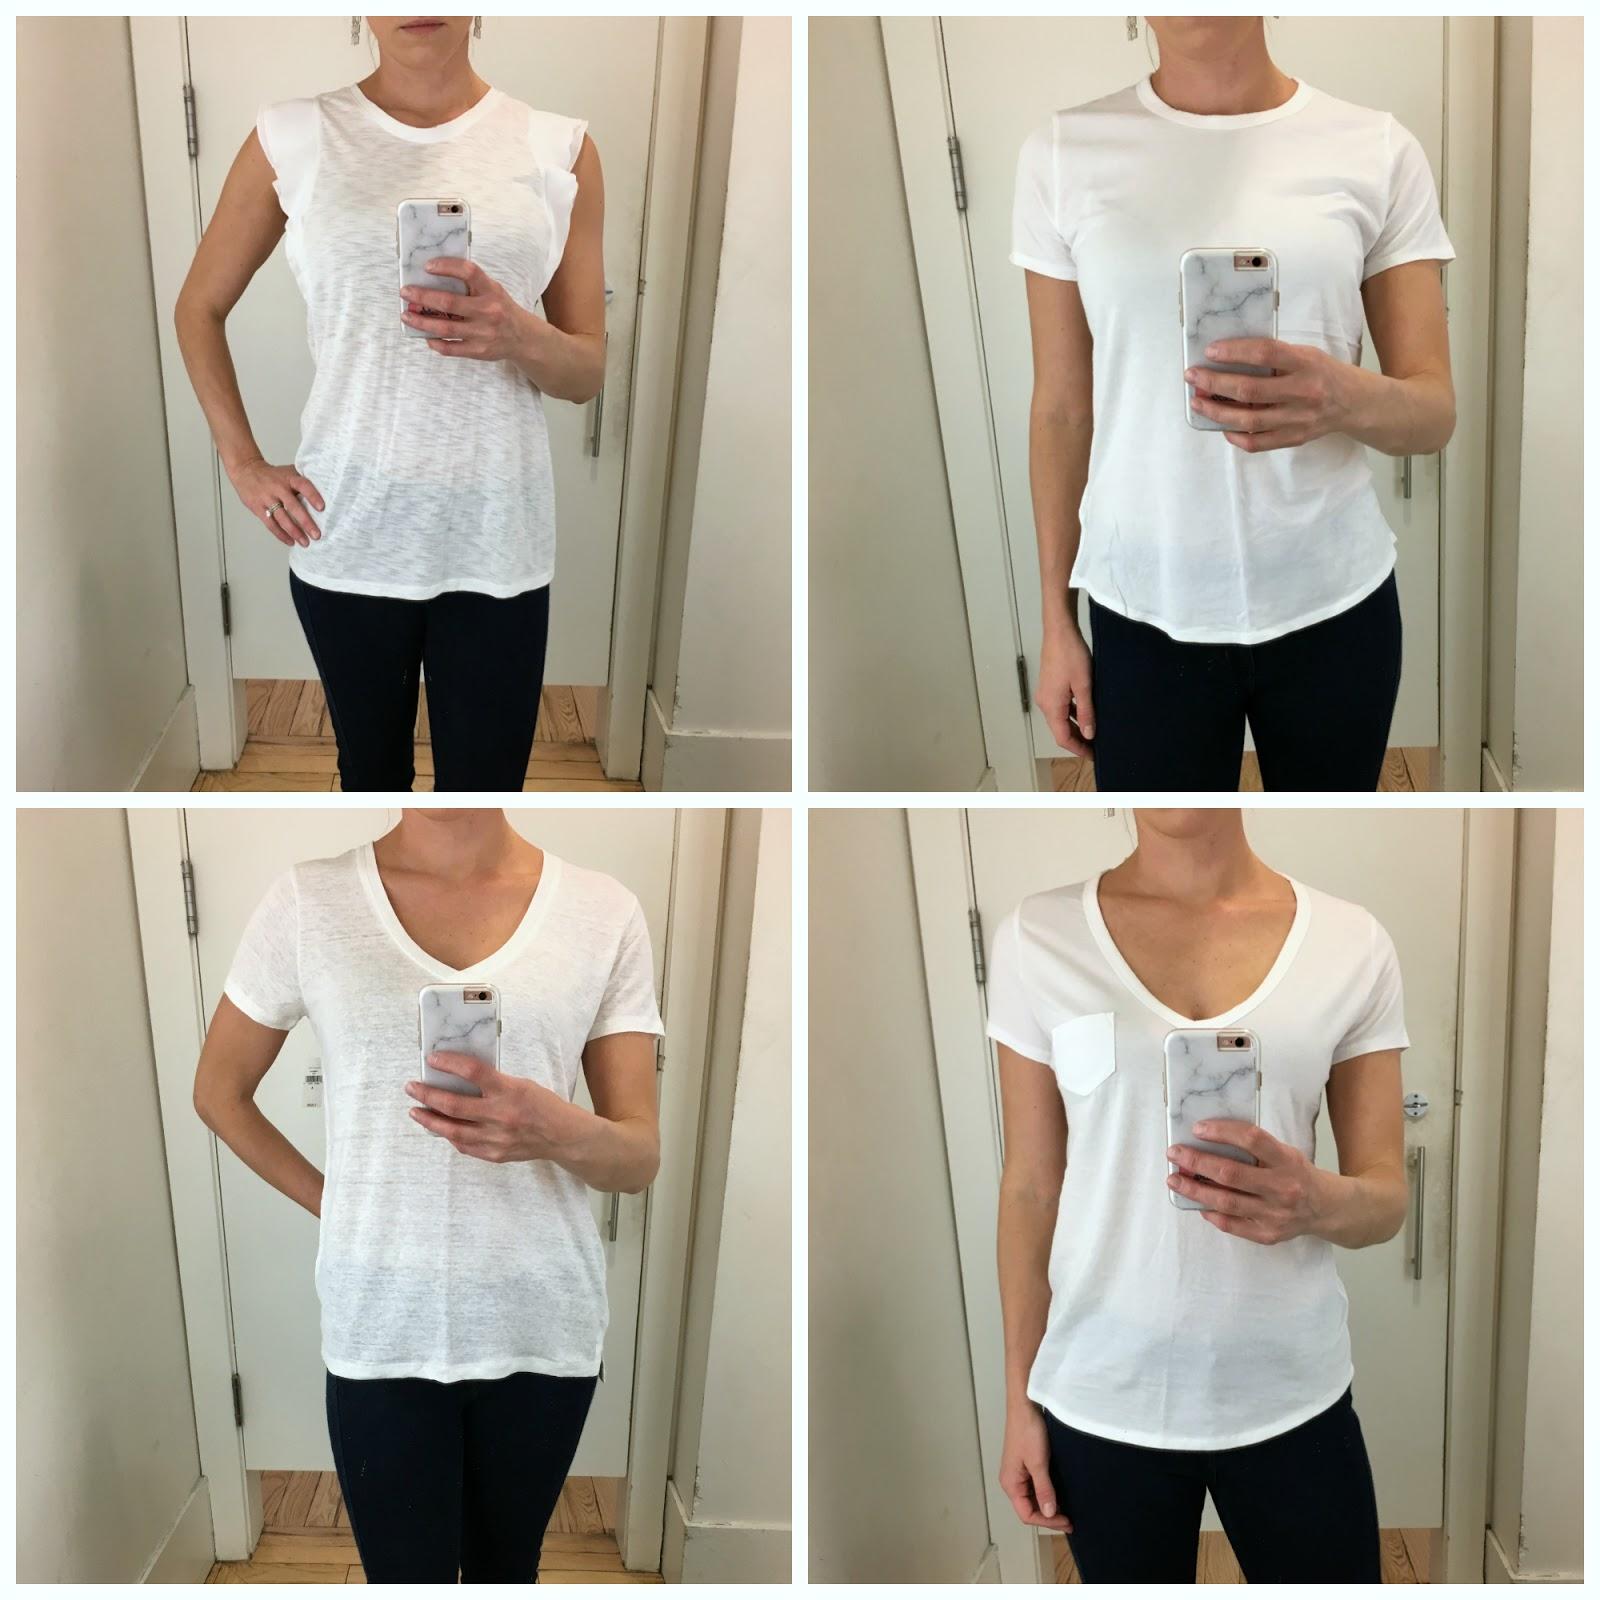 2d9c415b624040 Price  EveryWear Slub-Knit Tee  around  7-9 on sale  originally  12.94